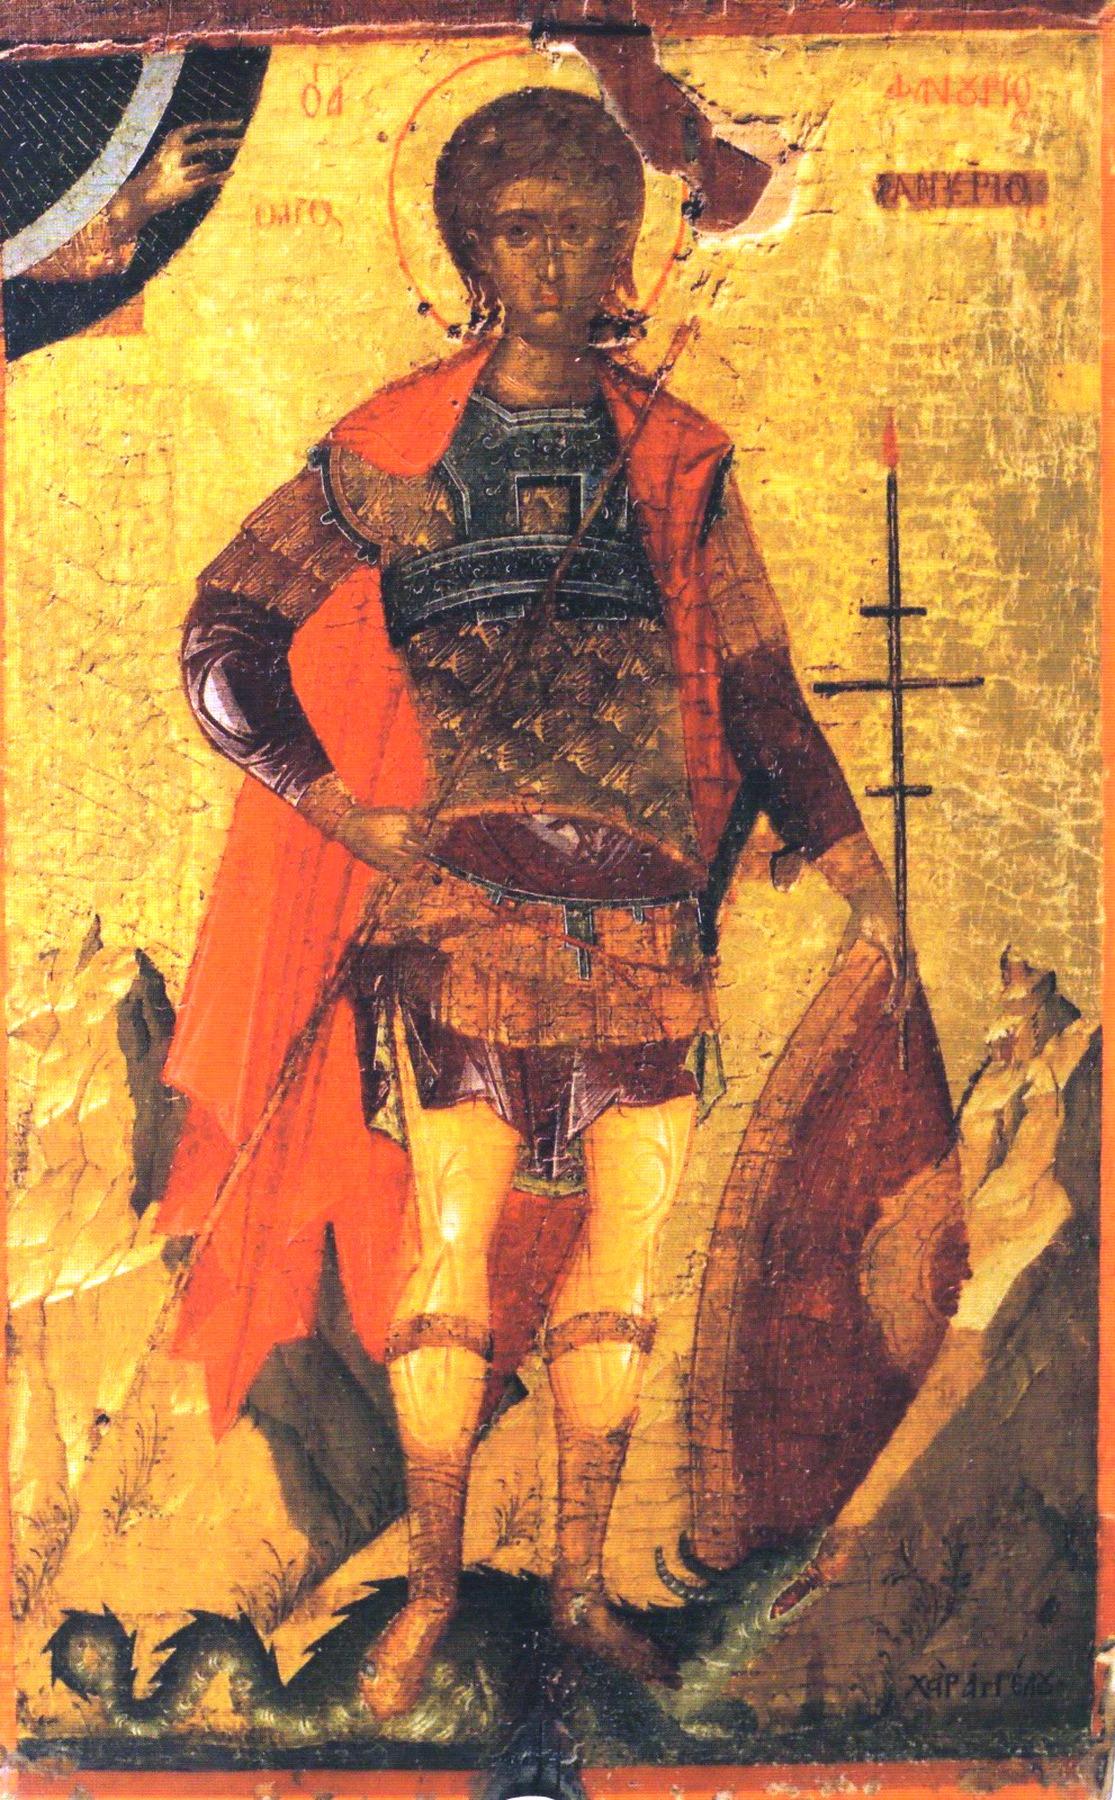 Святой мученик Фанурий. Икона критской школы XV века. Иконописец Ангелос.